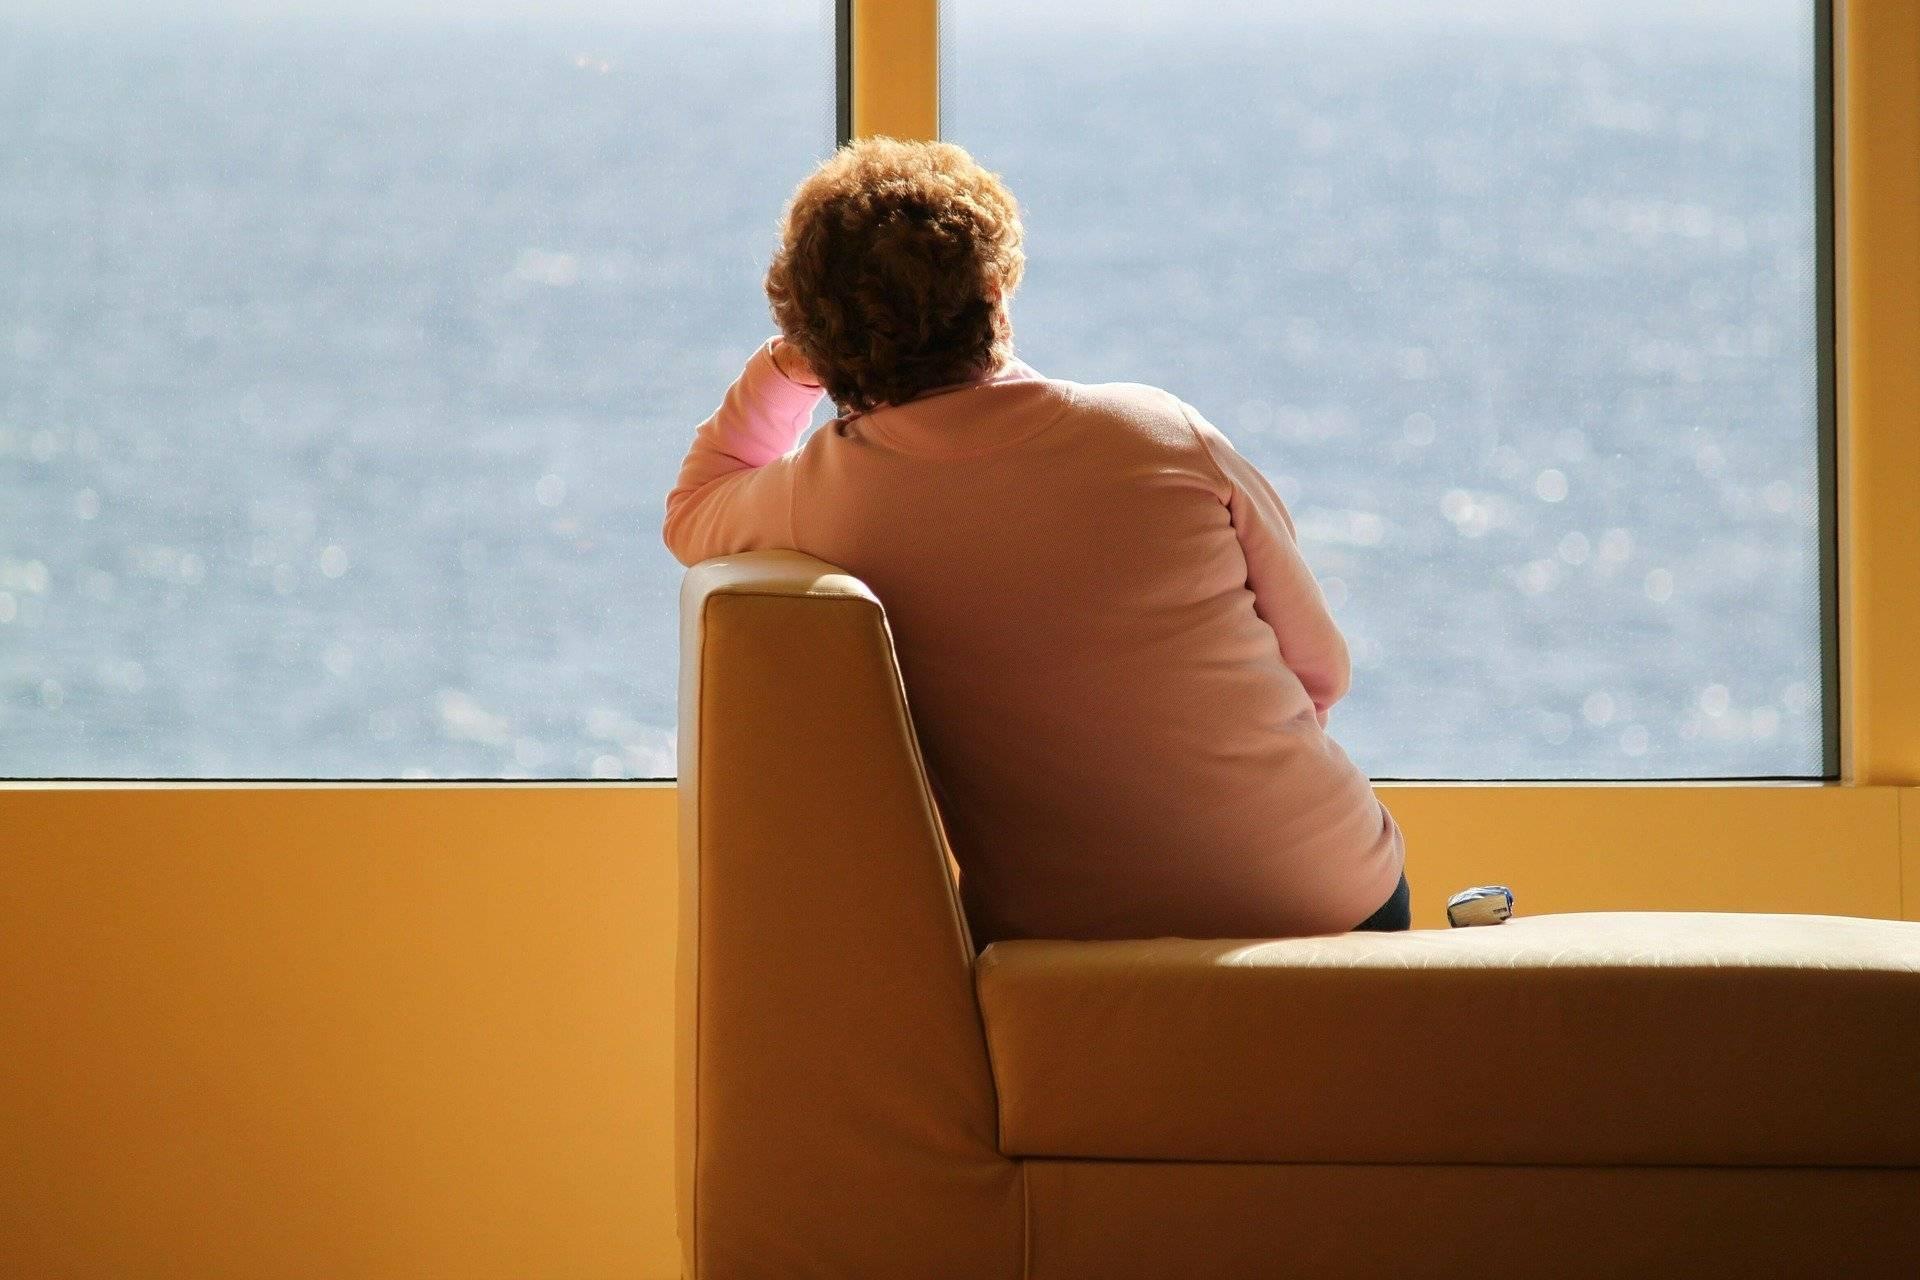 Депрессия от одиночества: читаем суть